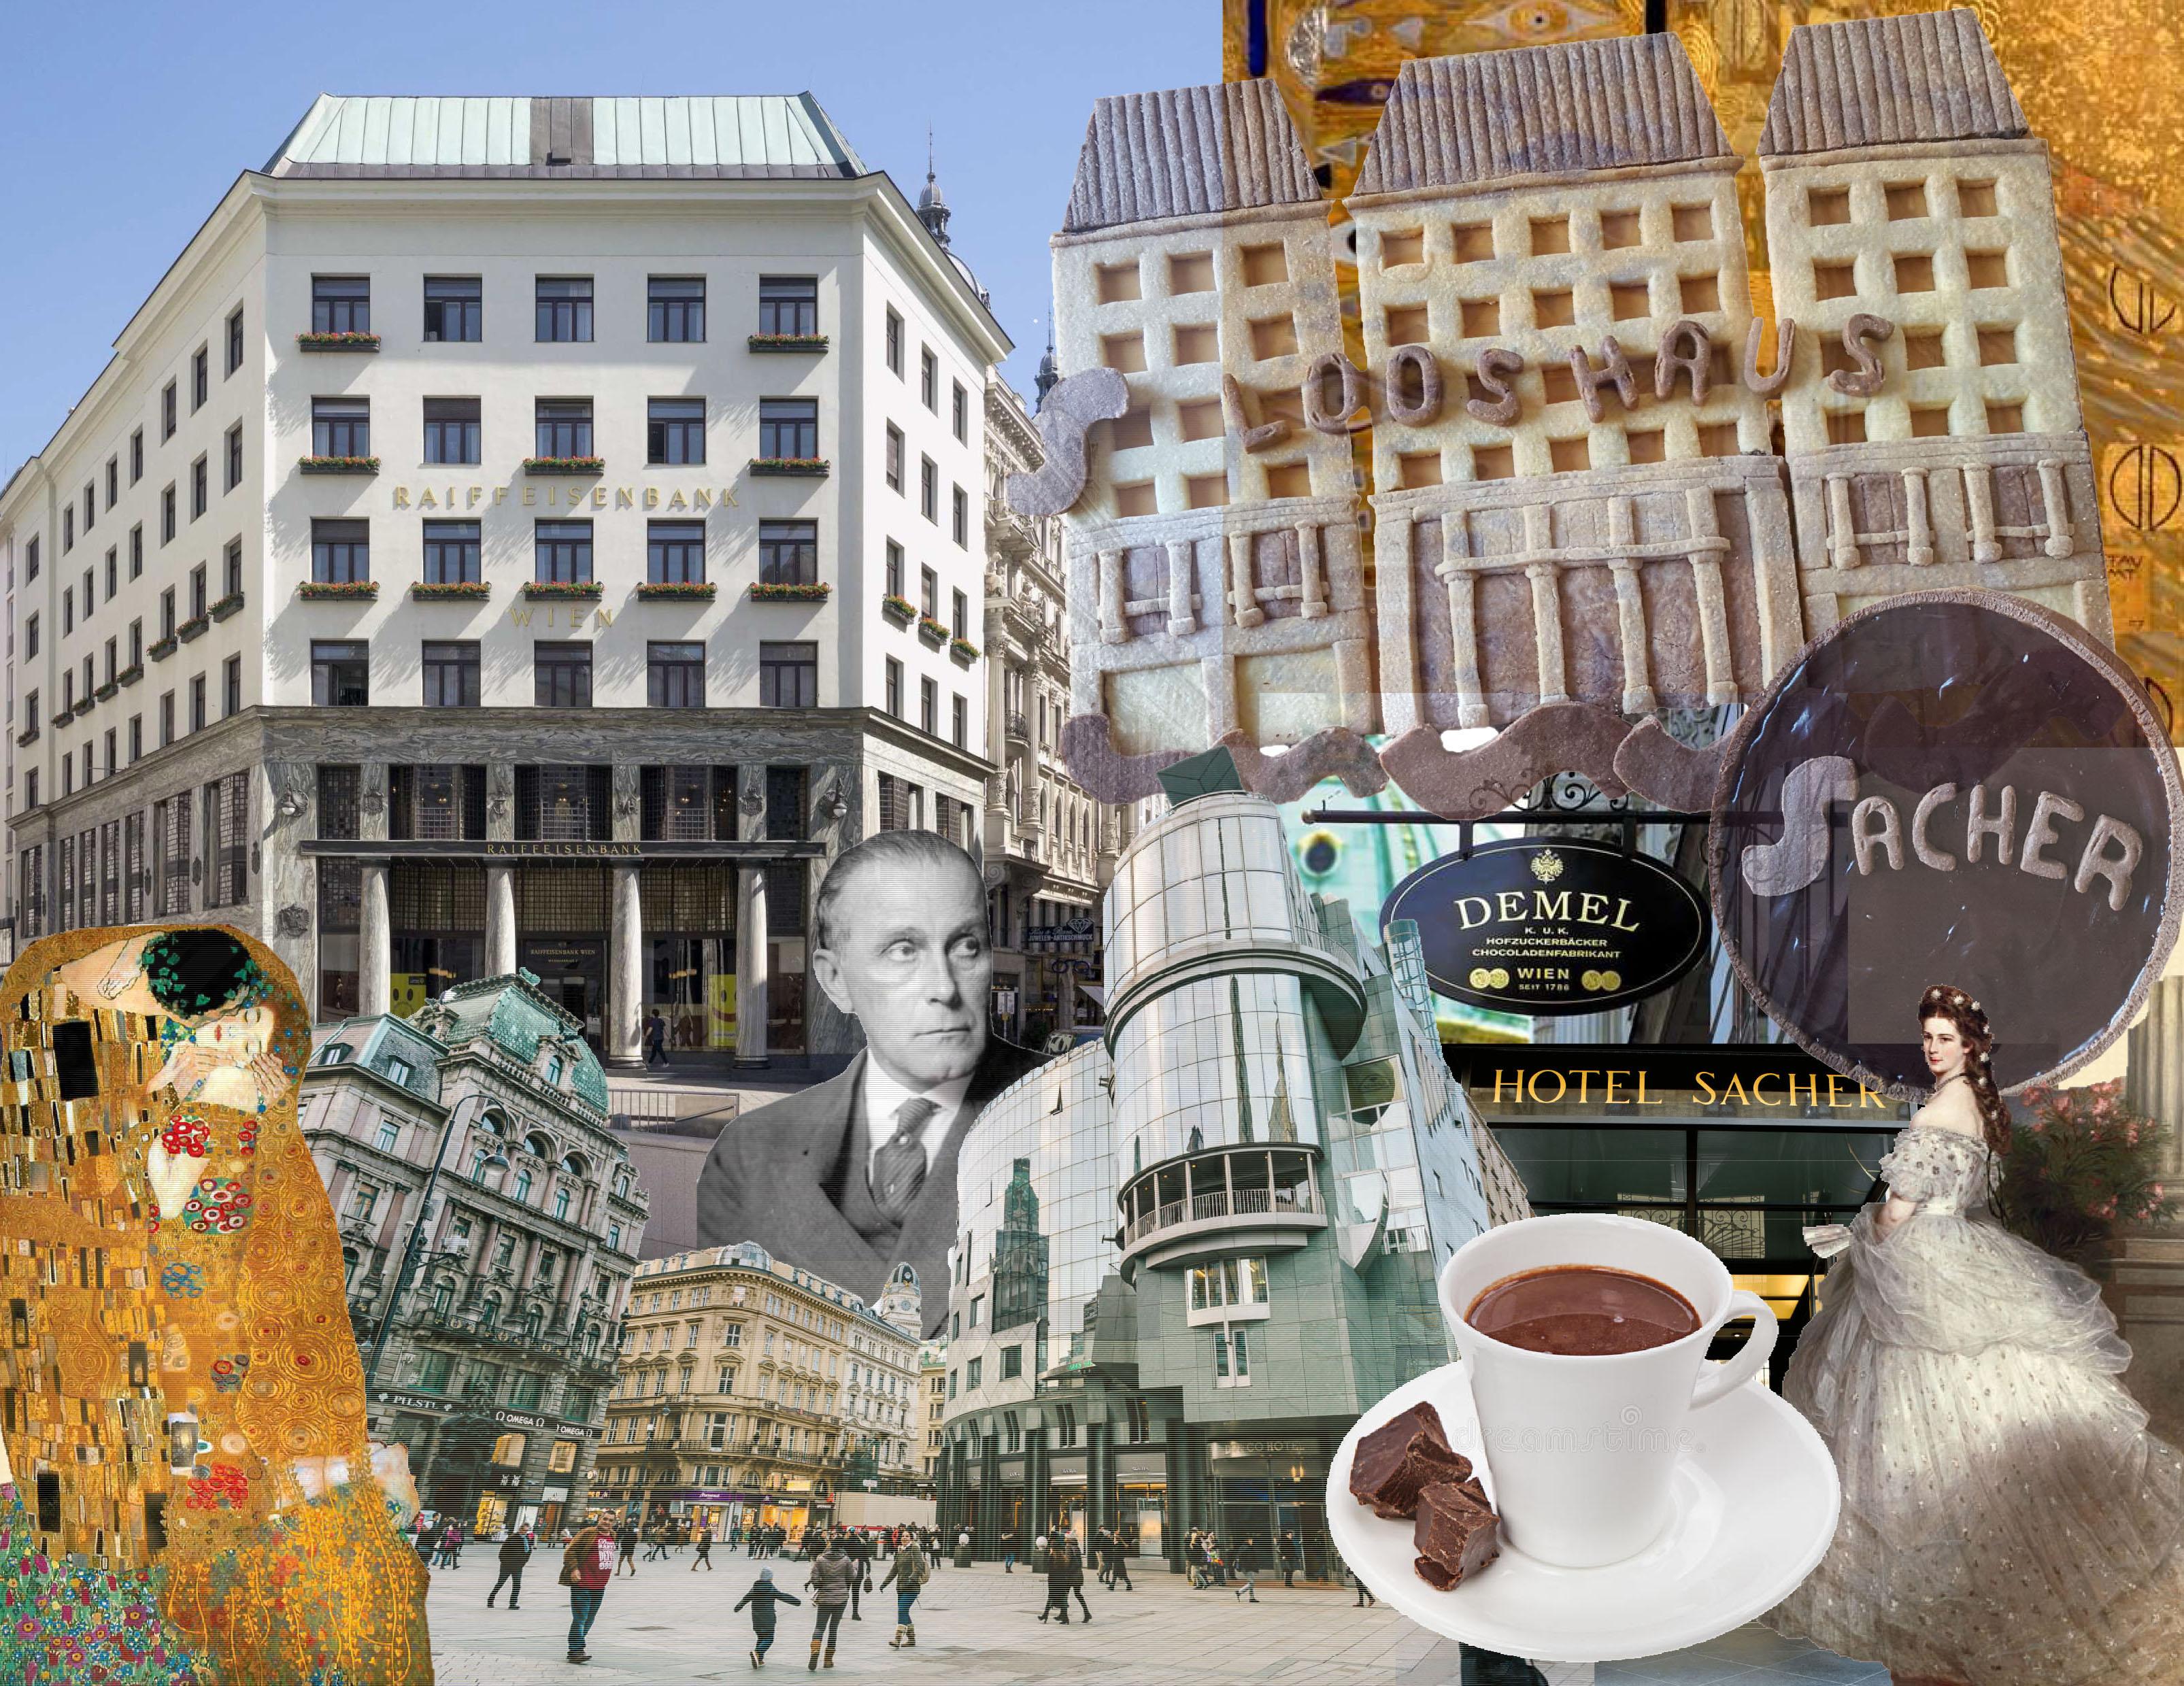 Vienna, tra le architetture di Adolf Loos e una fetta di SacherTorte